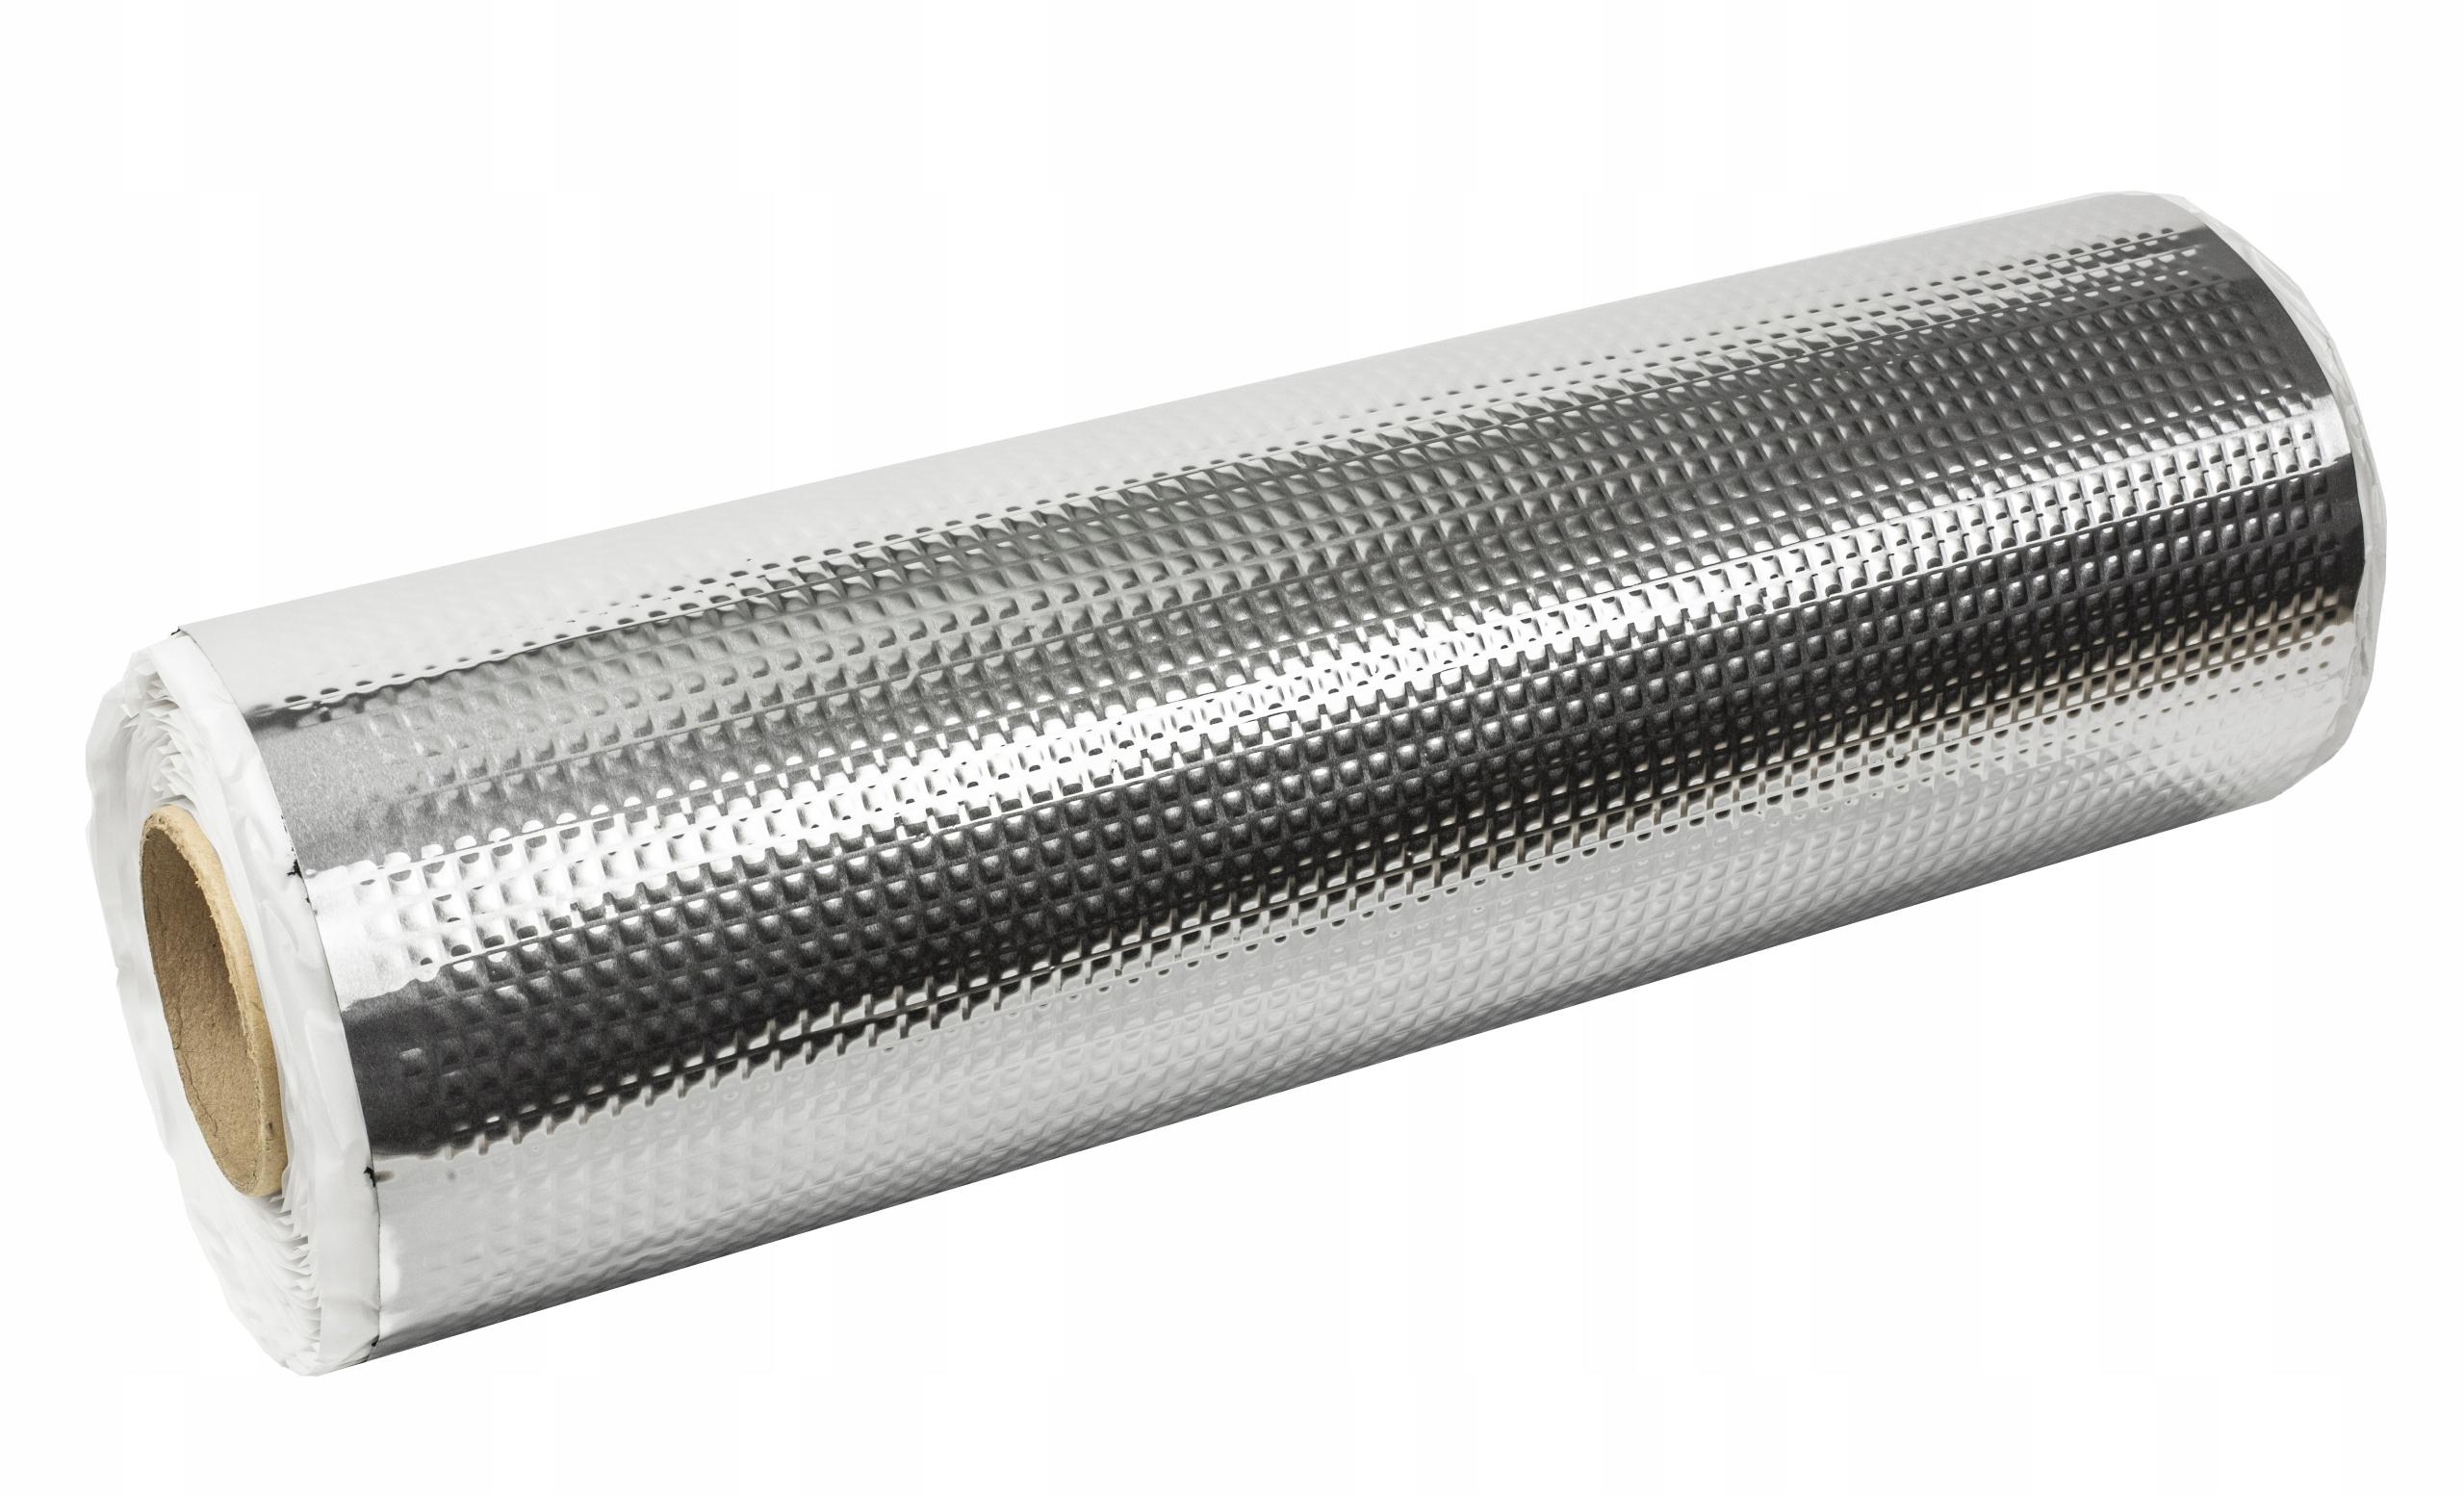 коврик wygŁuszajĄca 2mm butylowa битум alubutyl 3m2